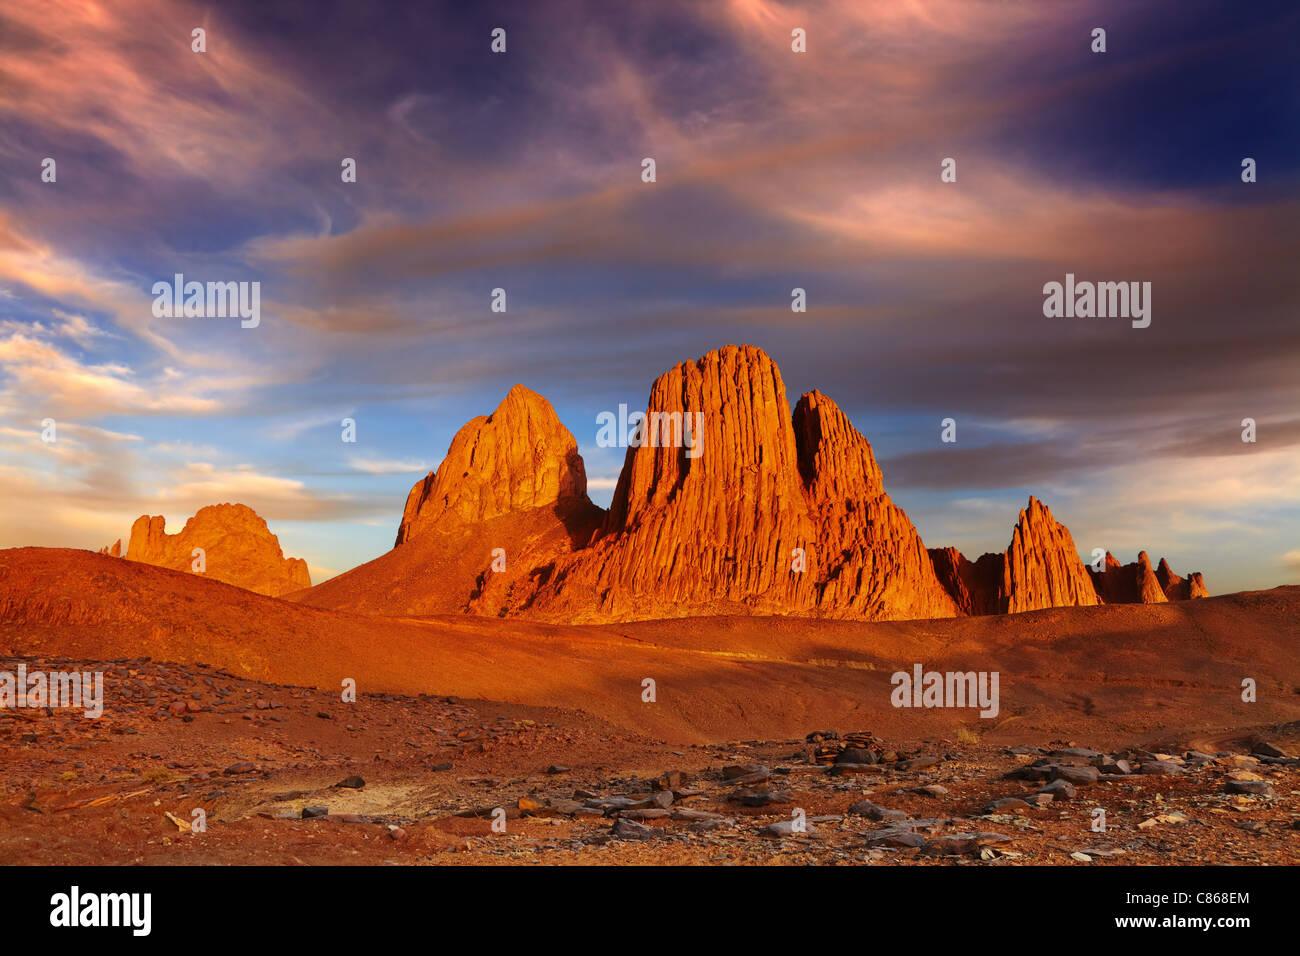 Sunset in Sahara Desert, Hoggar mountains, Algeria - Stock Image